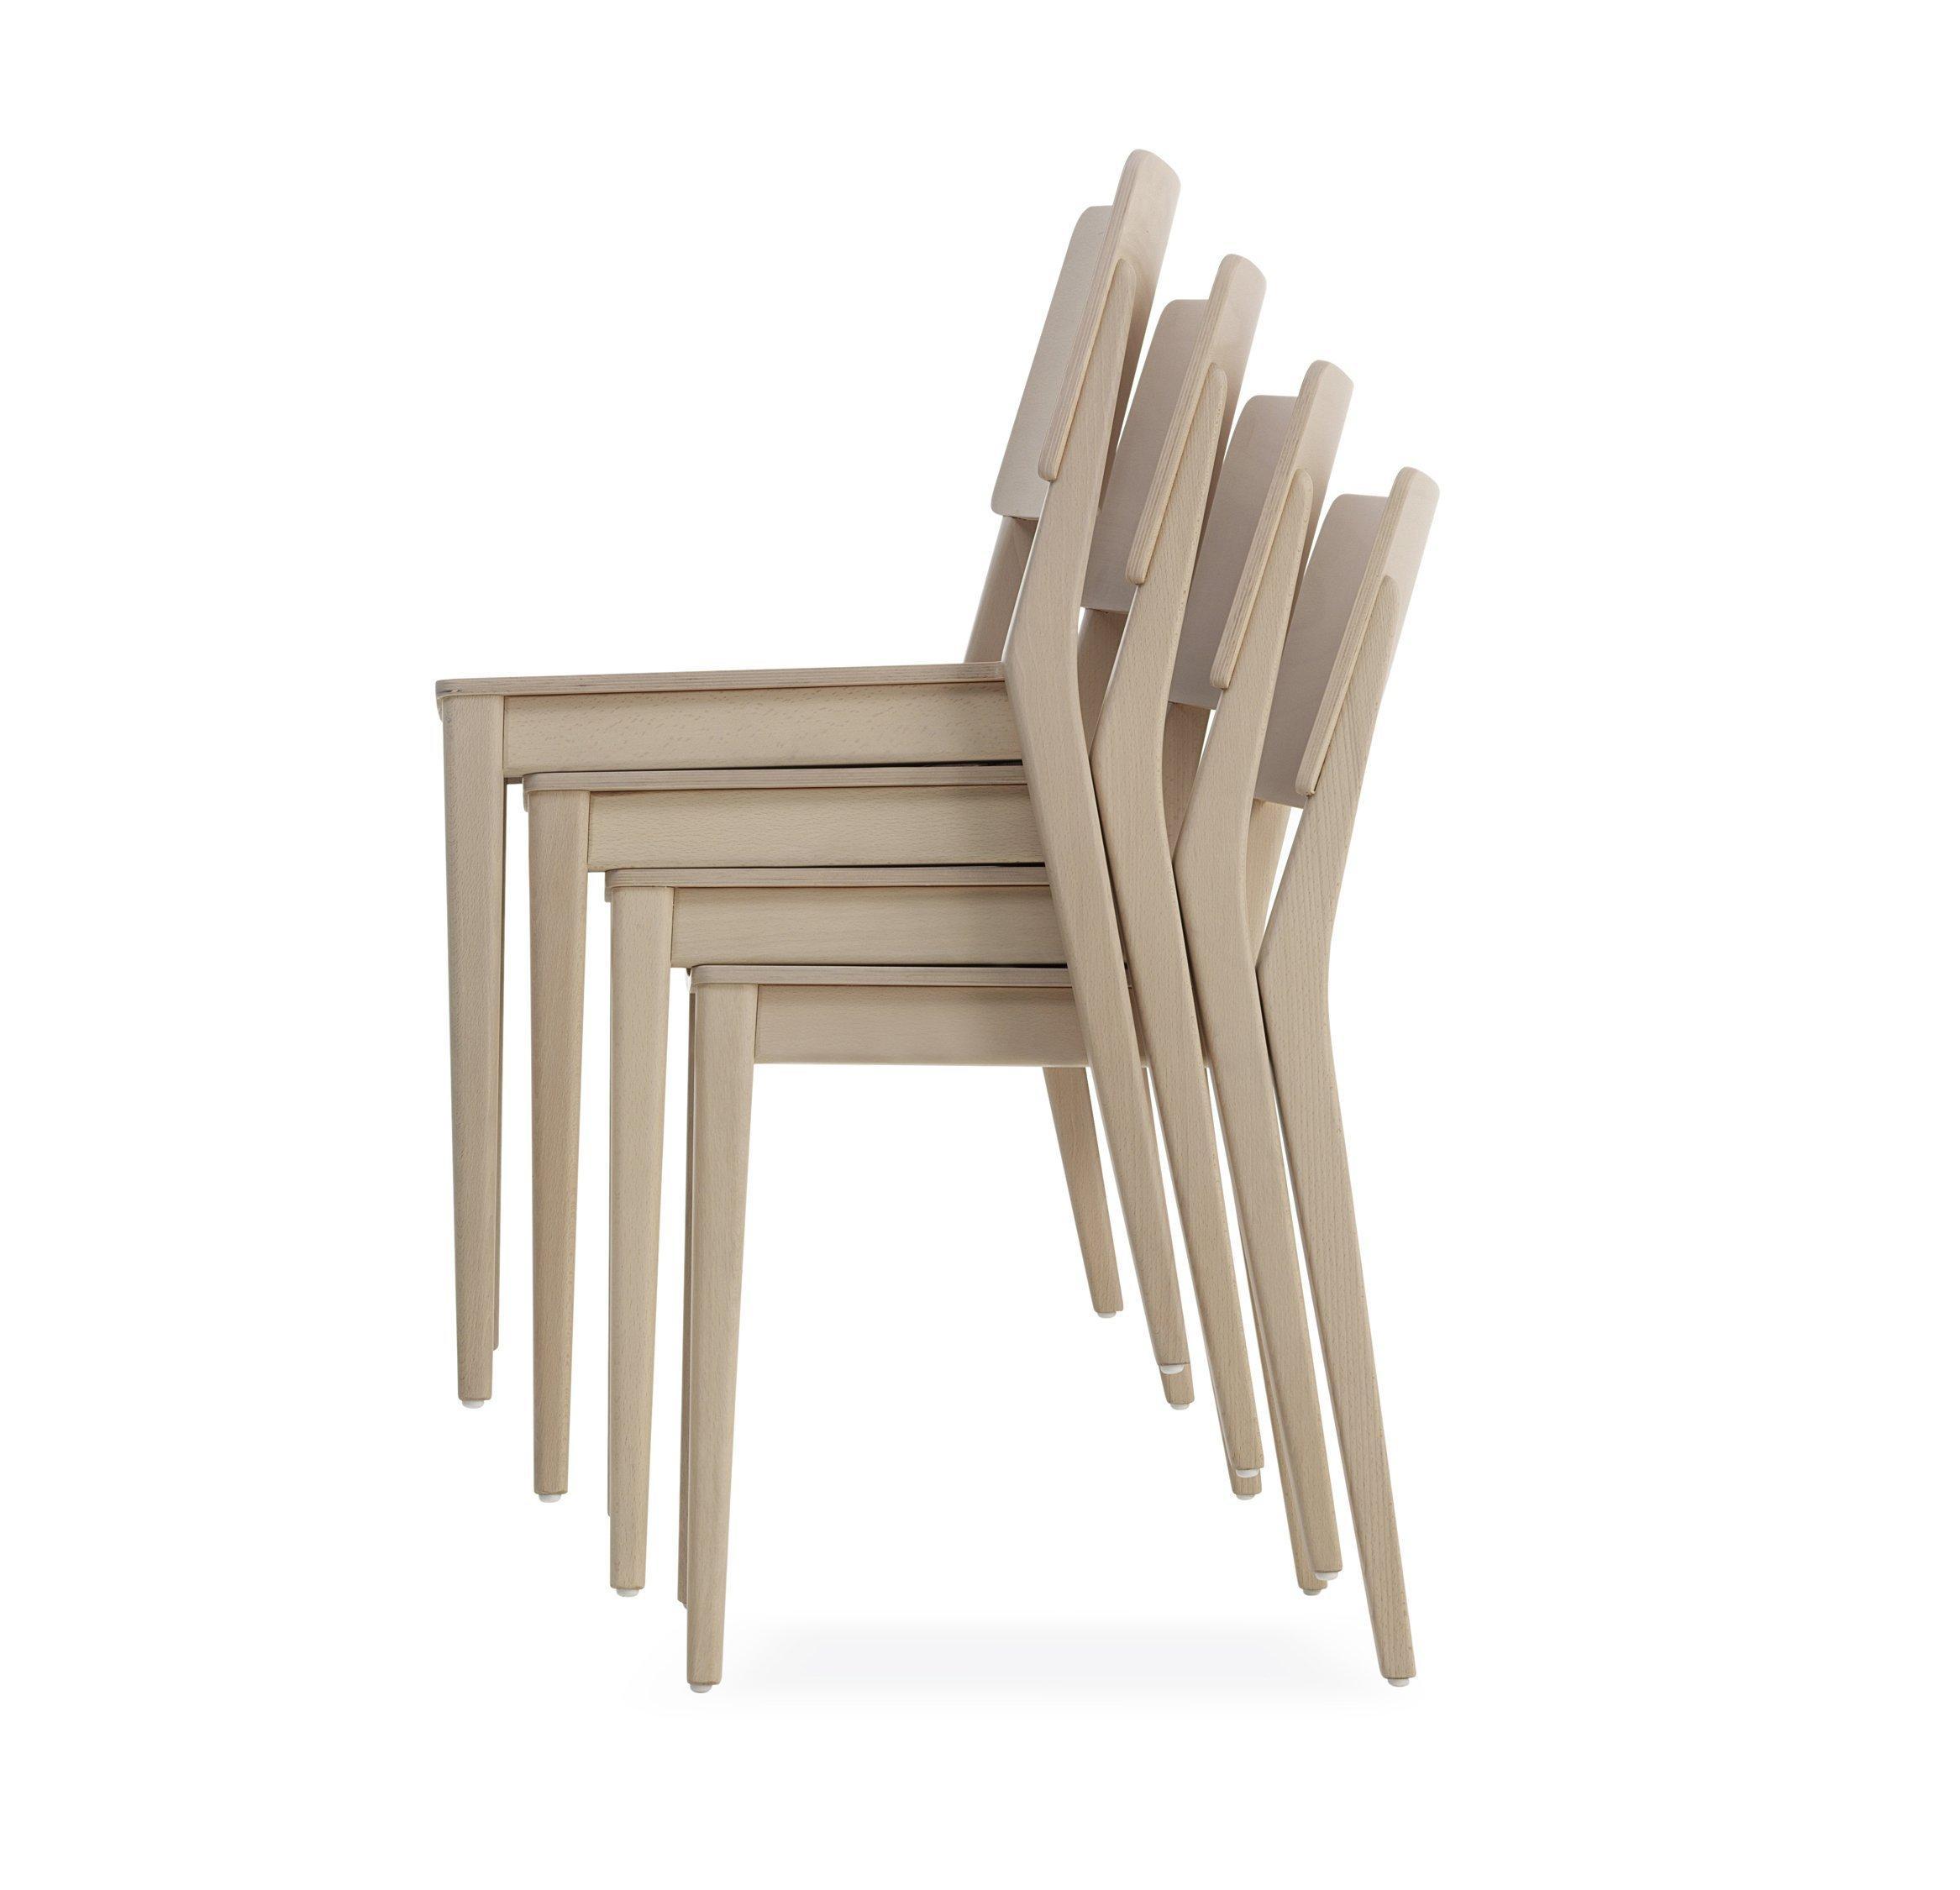 Sedie istruzioni per l acquisto cose di casa for Sedie in legno ikea